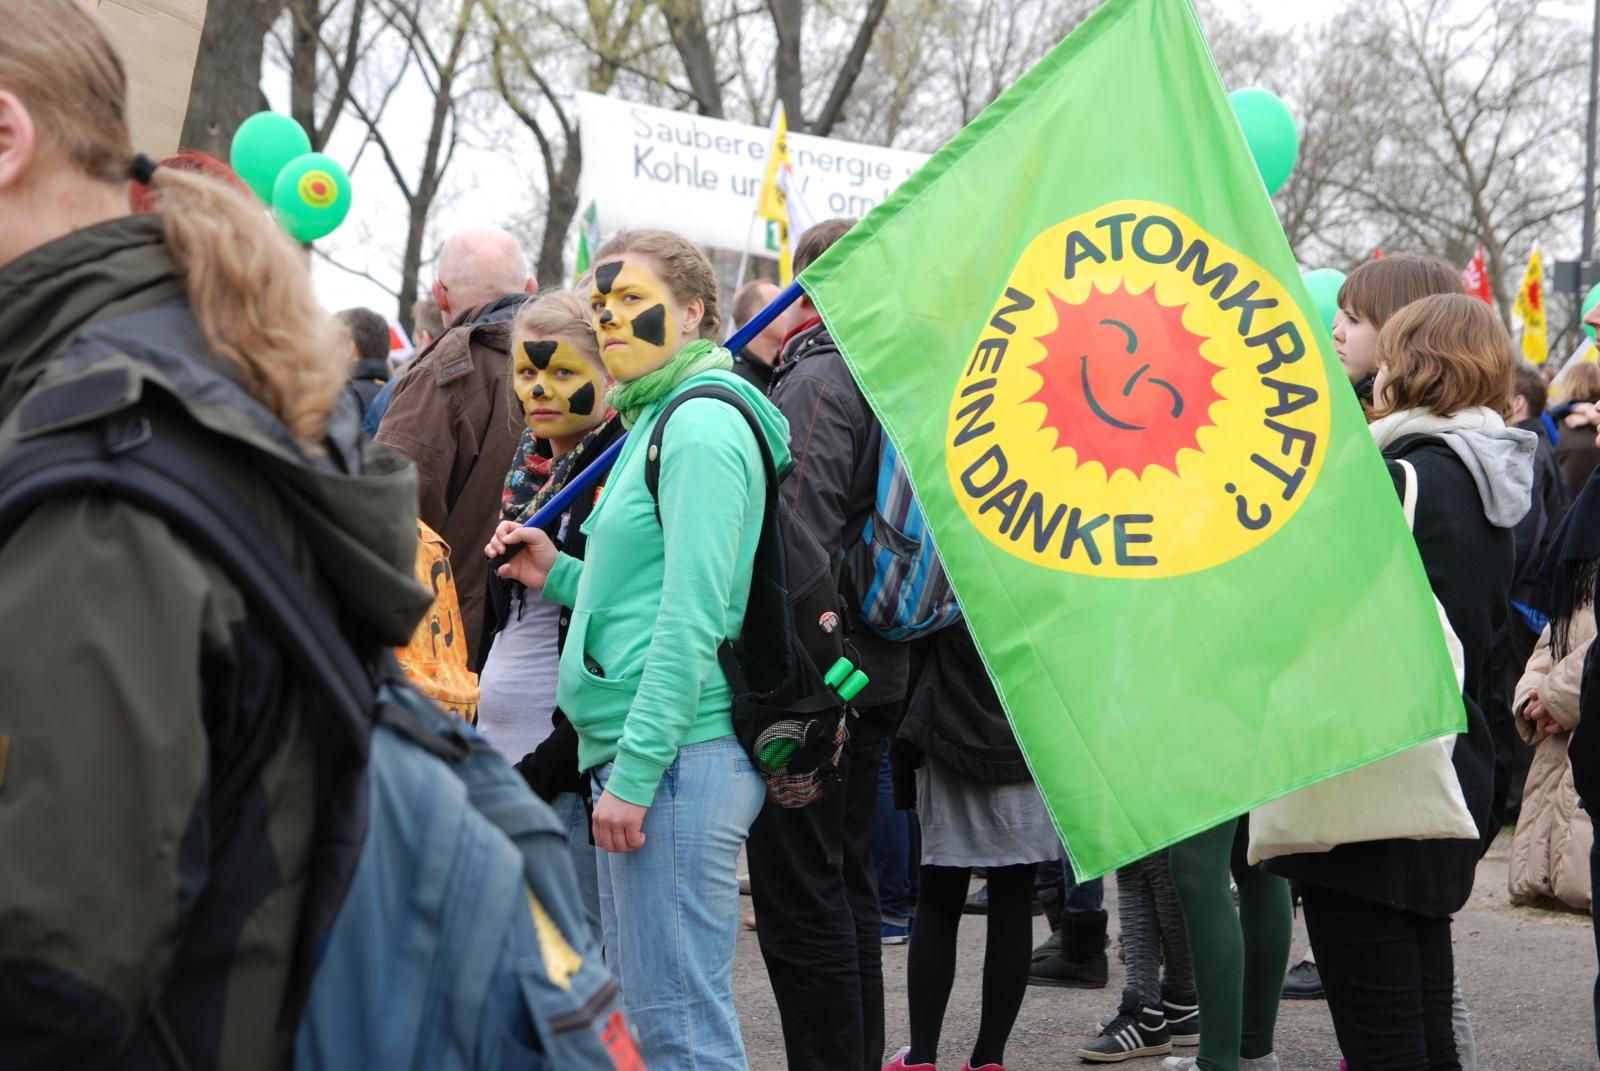 德國舉辦的反核遊行